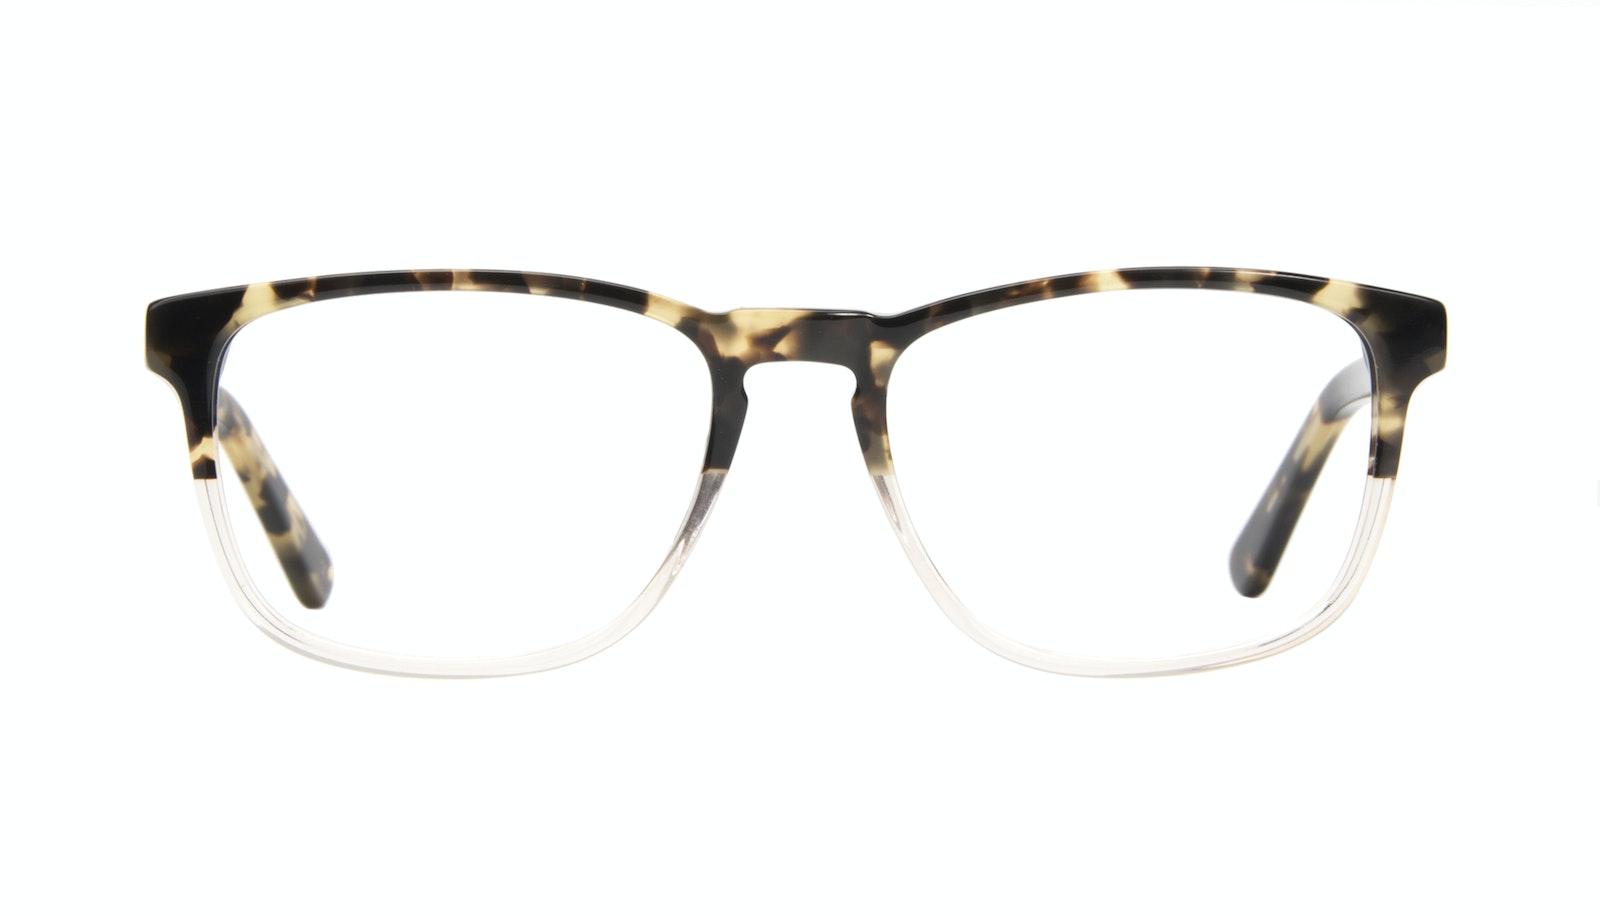 Affordable Fashion Glasses Rectangle Eyeglasses Men Loft Golden Tort